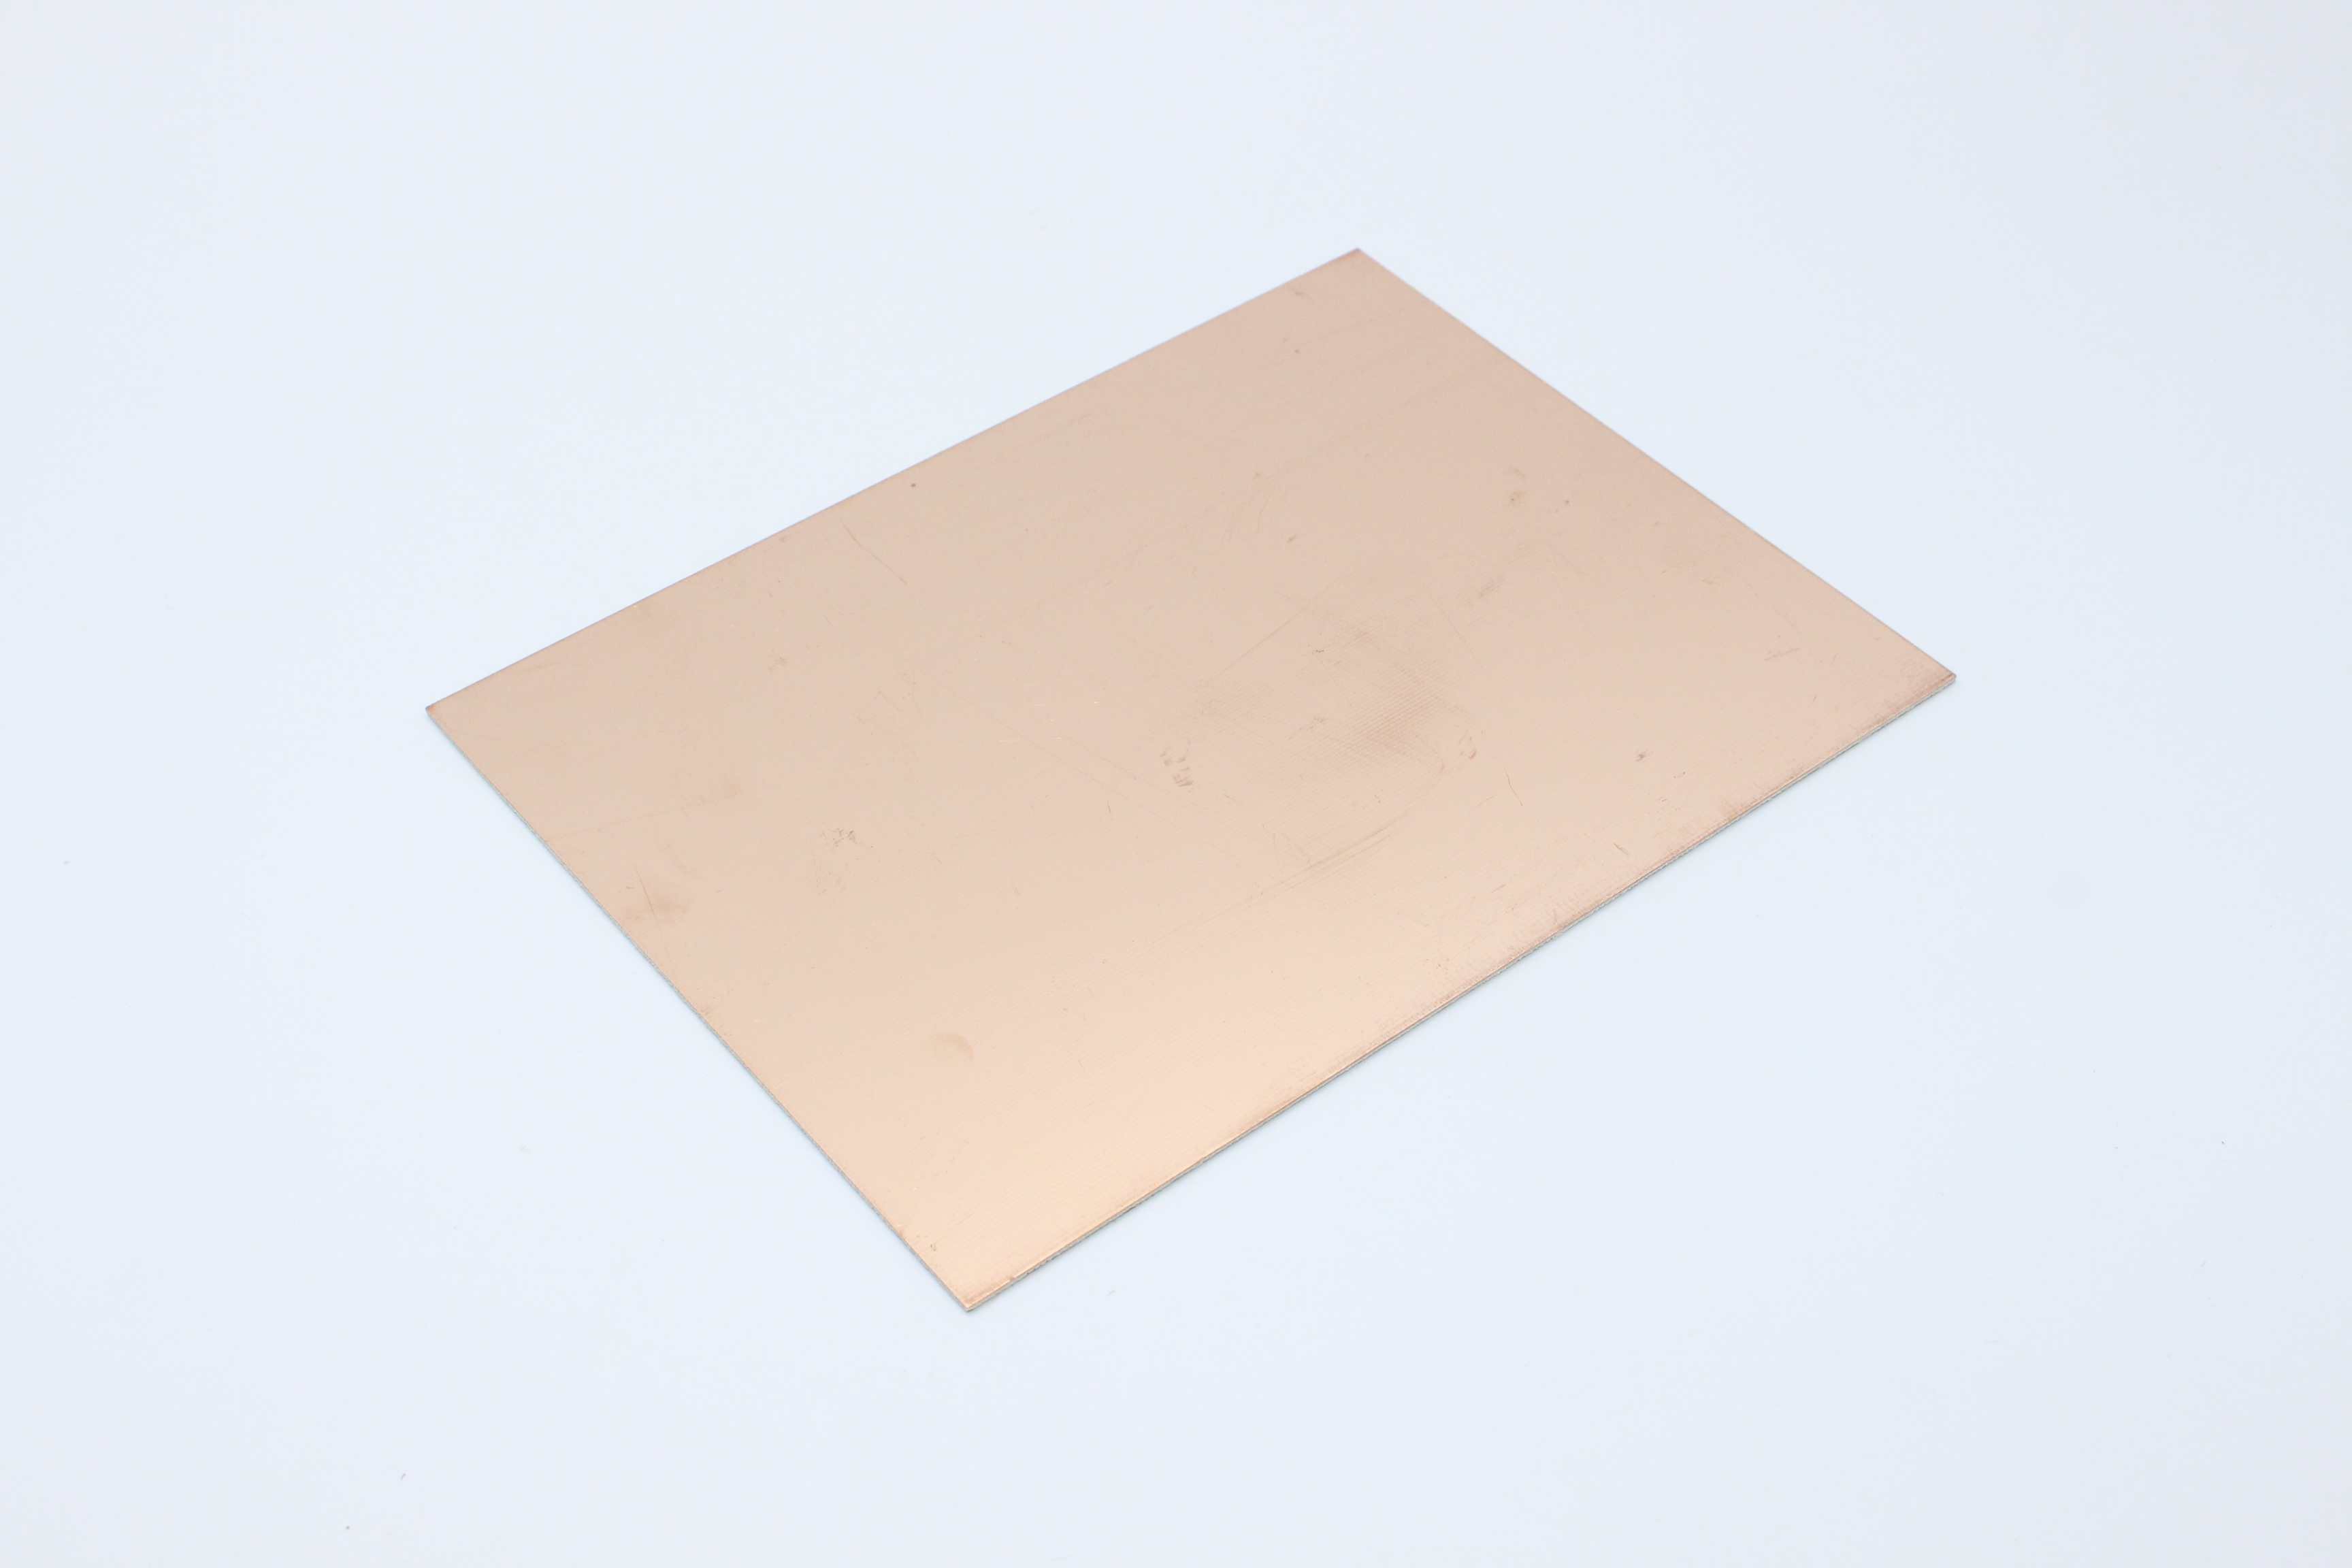 แผ่นปริ๊นอเนกประสงค์ ทองแดงหน้าเดียว หนา 1.5mm Prototype PCB Board 15x20 cm